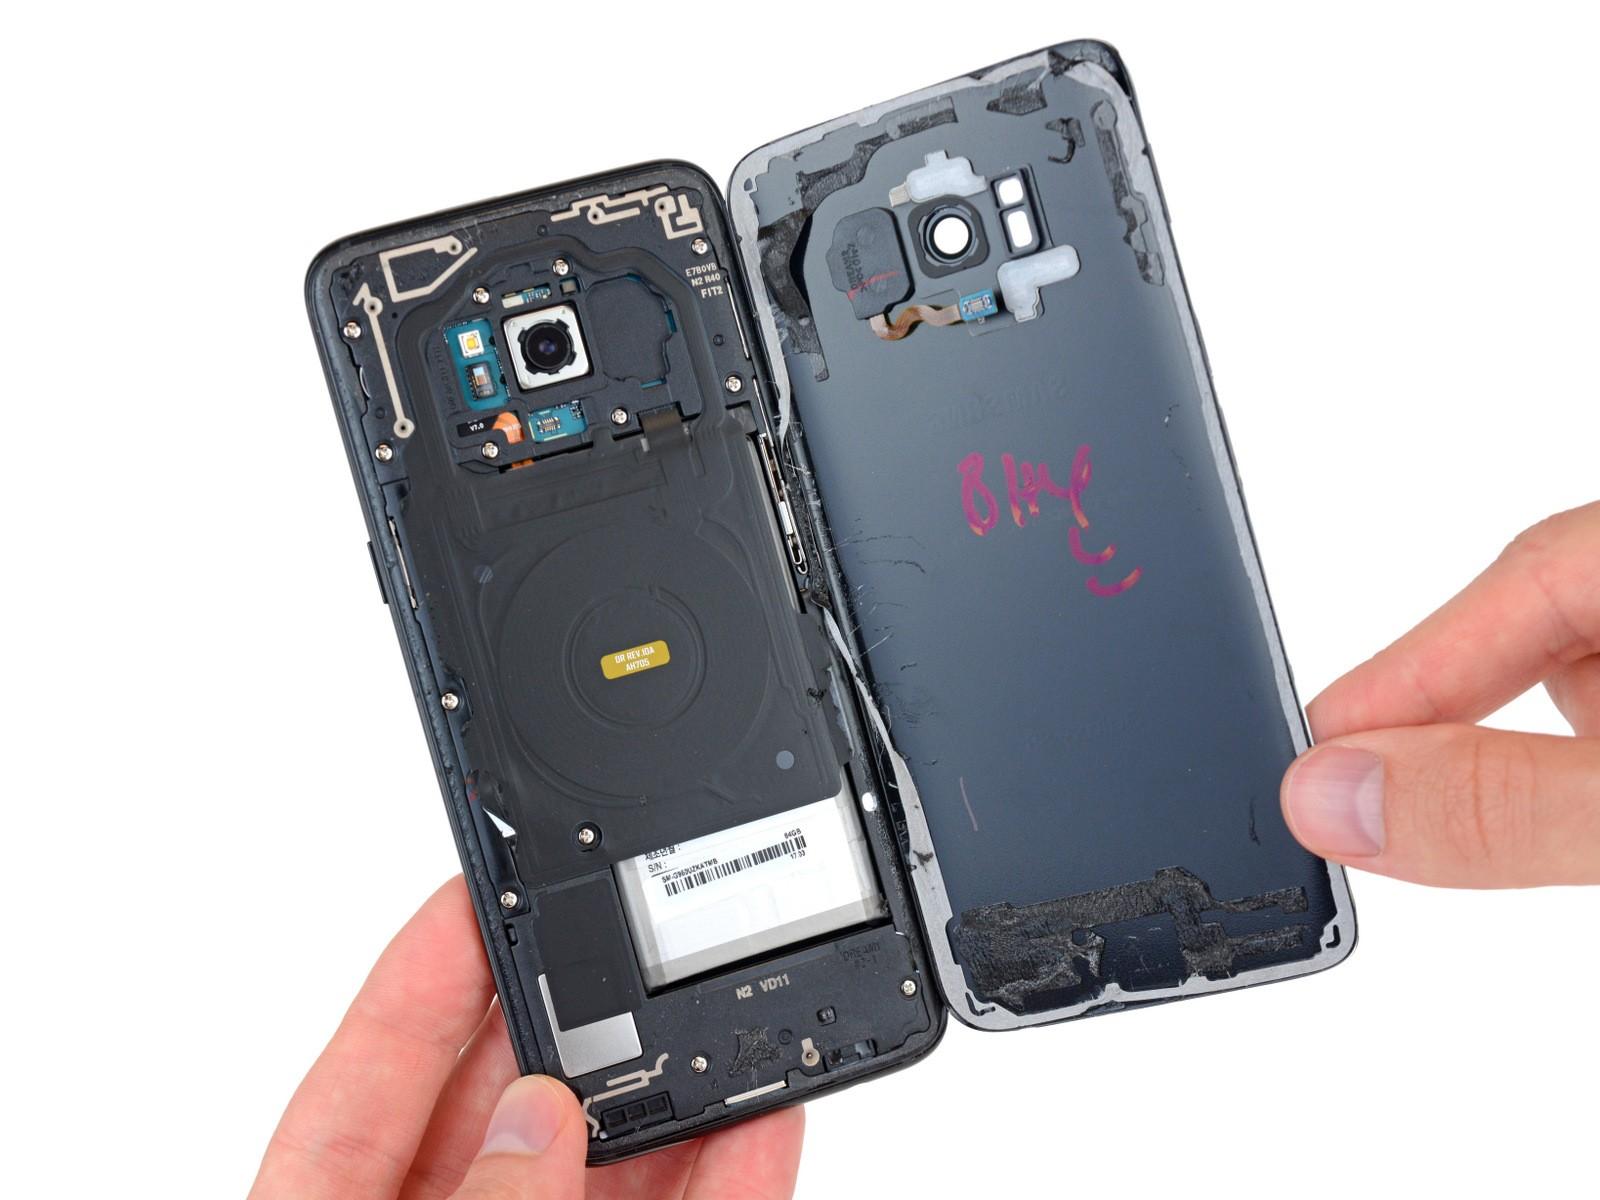 Riparare Galaxy S8 e S8 Plus è facile? Vediamolo insieme nel teardown dettagliato di iFixit